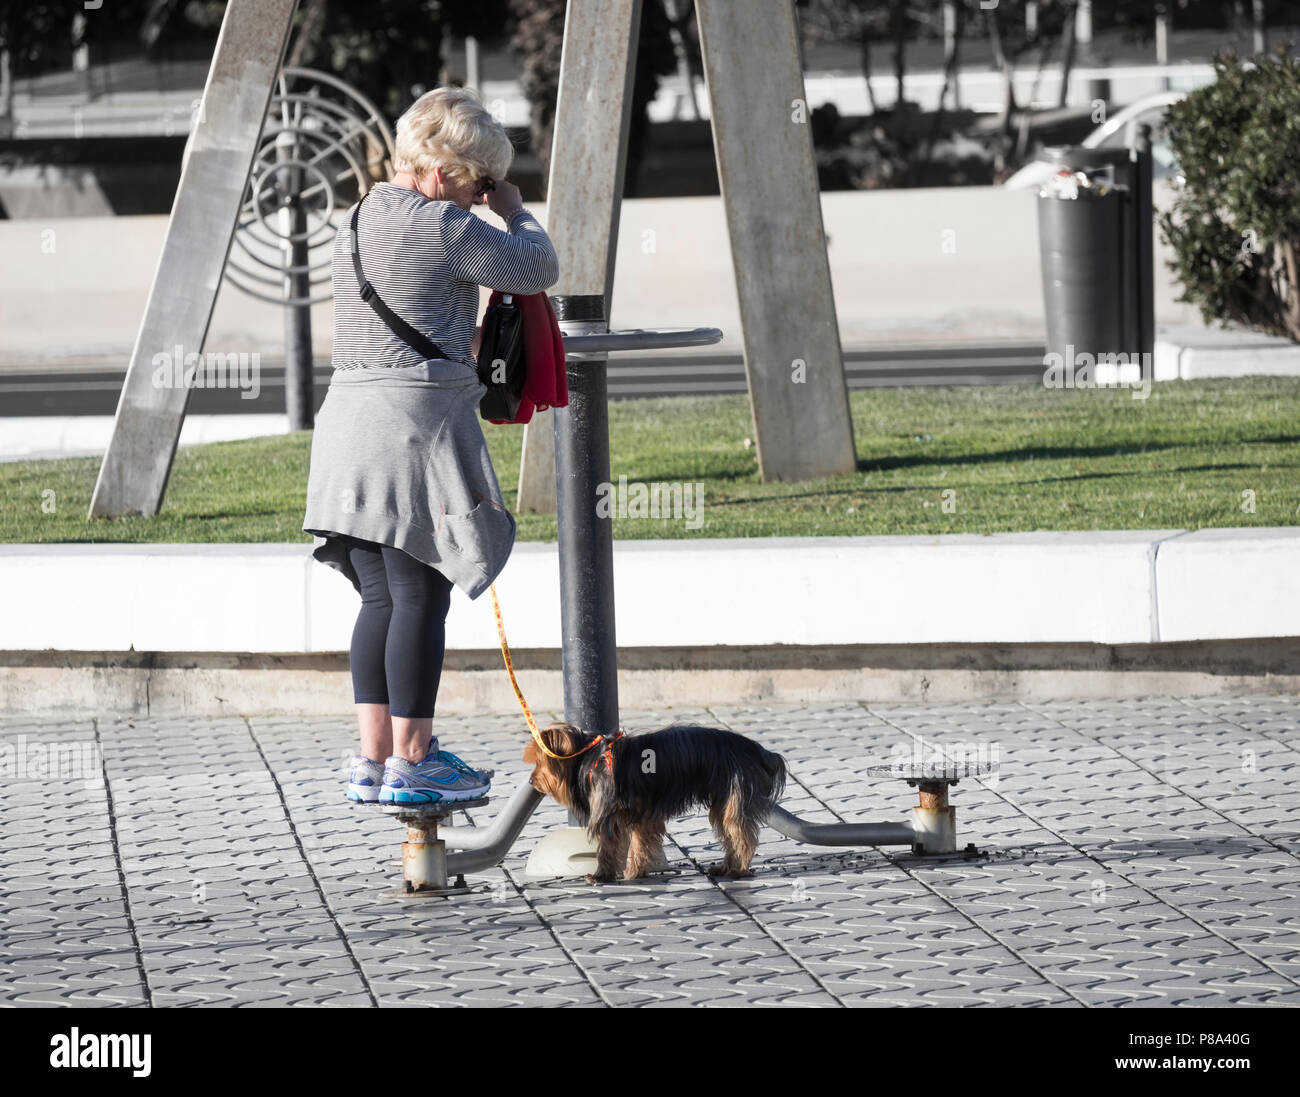 Anciana paseando a un perro utilizando máquinas de ejercicio al aire libre en las calles de la ciudad en España Imagen De Stock